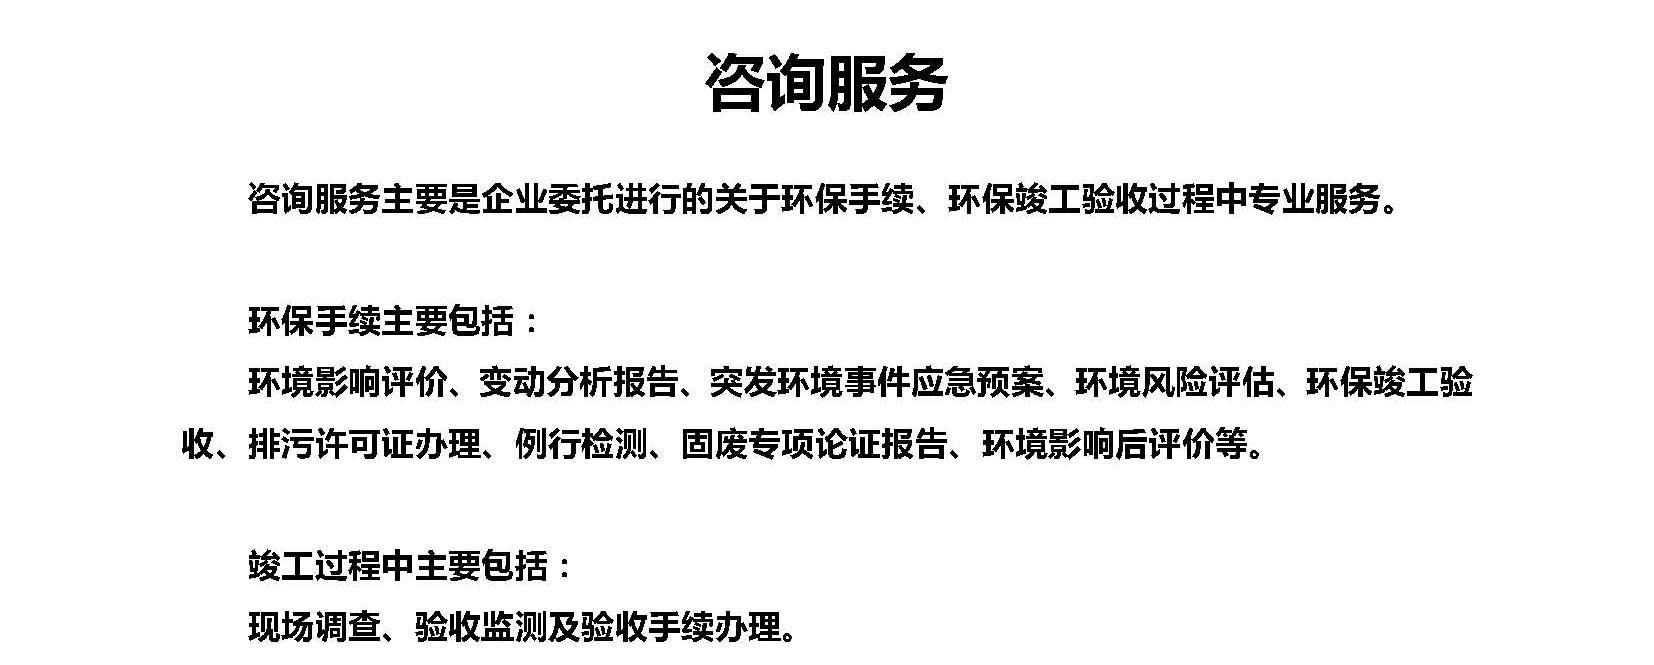 咨询服务 文字材料_页面_1